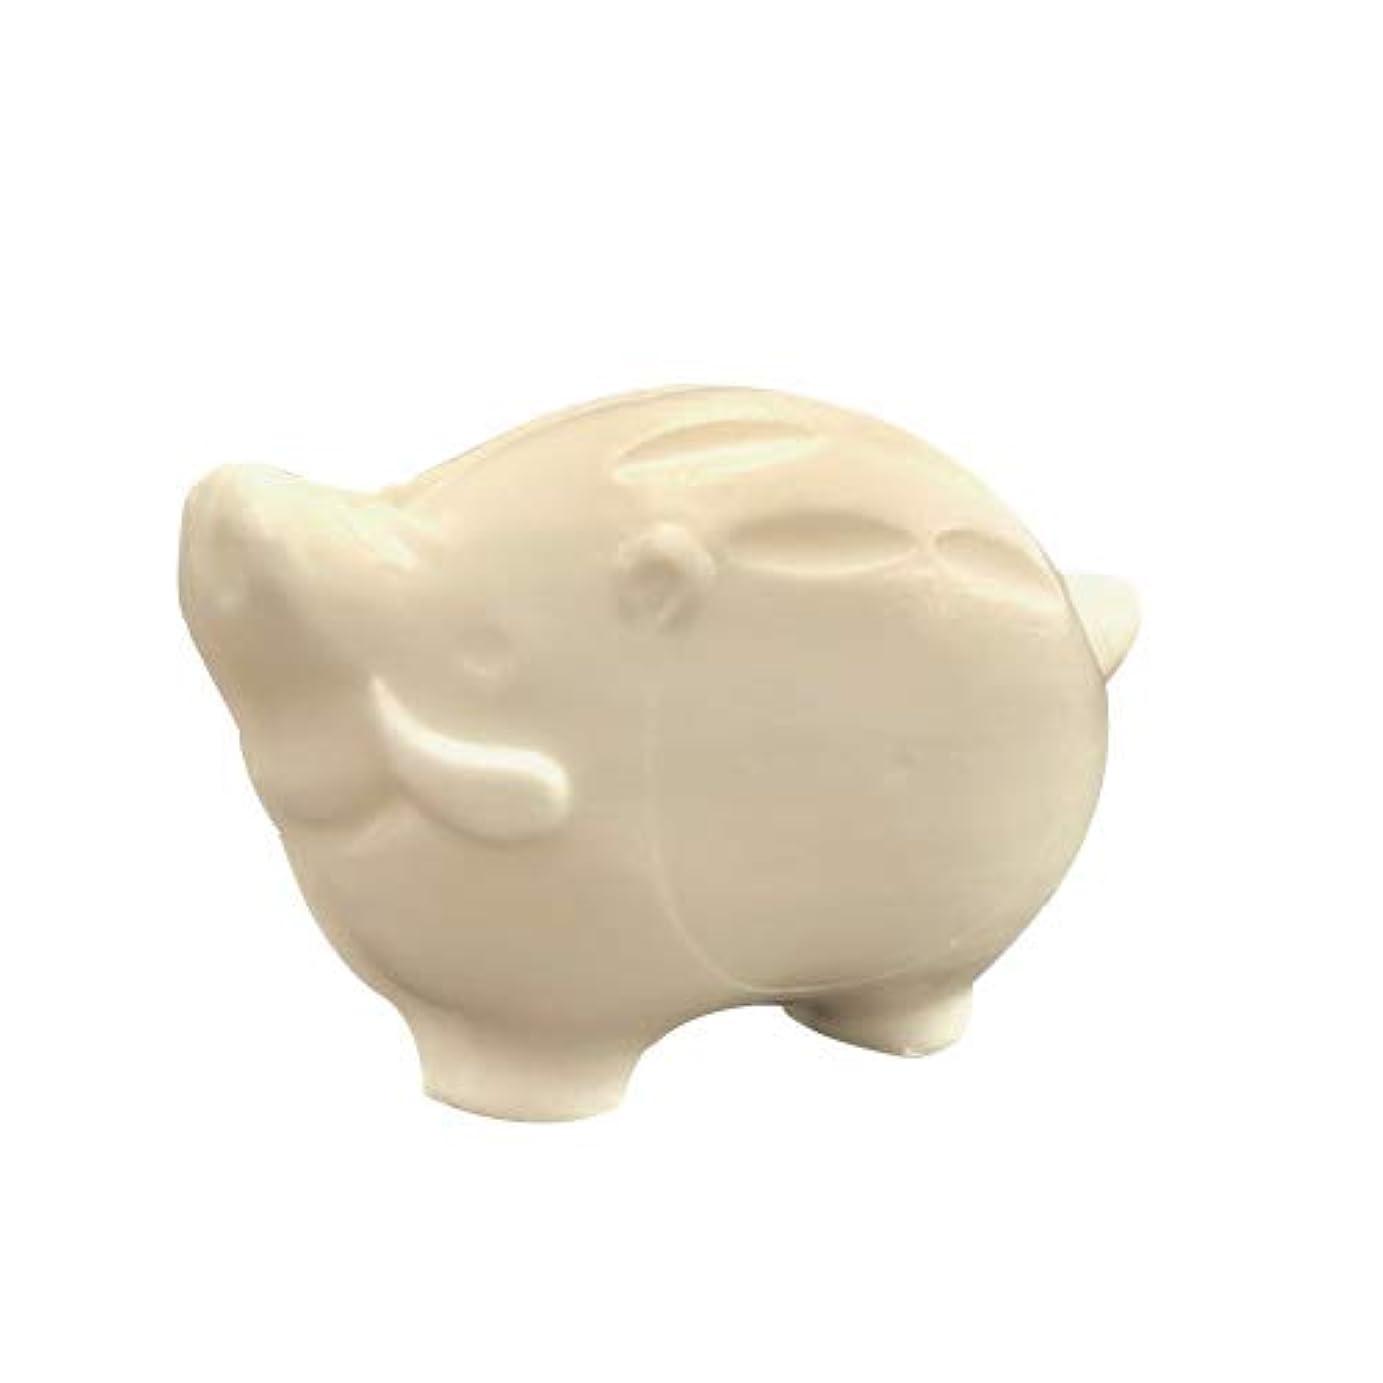 スパン広げる満員【固形石けん】化粧石けん 68g ×30個セット